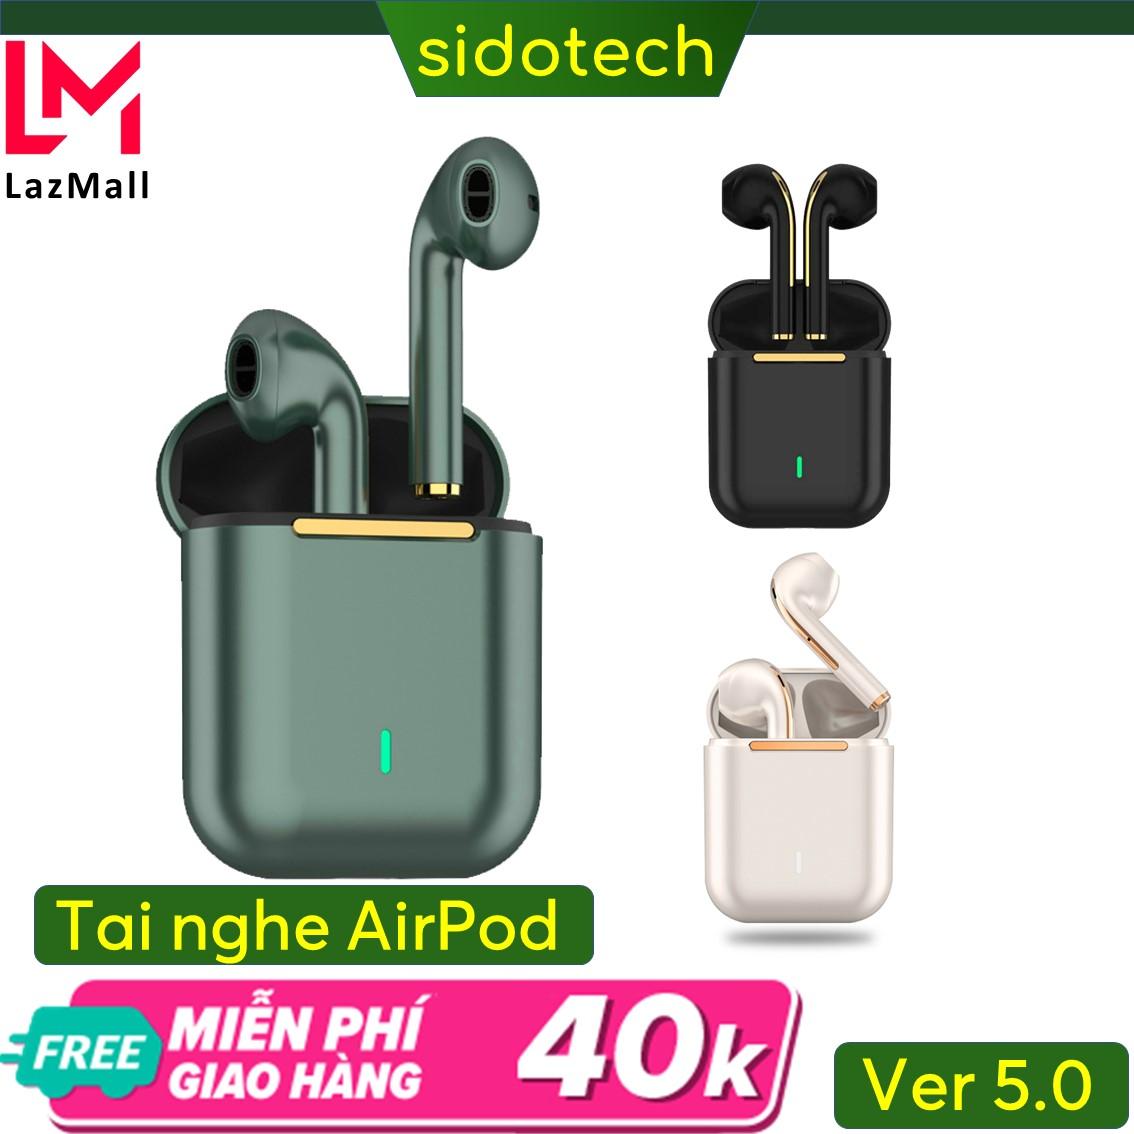 Tai nghe bluetooth khong day Airpods Sidotech bản nâng cấp của tai nghe bluetooth I11 I12 I7S I9S I27 Airpods 2 nâng cấp pin 3h kết nối độc lập 2 tai đổi tên định vị hiện Popup dùng cho Apple Samsung Oppo Huawei Xiaomi Sidotech